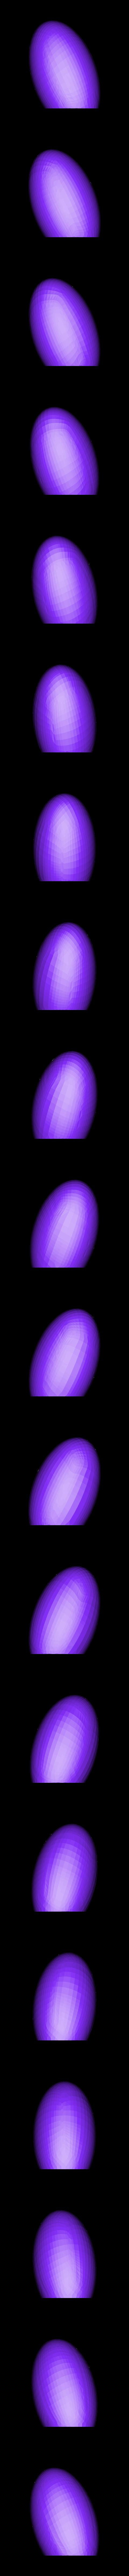 riccio_piccolo v7_riccio_piccolo v7_giallo (2)_riccio_piccolo v7.stl Download STL file hedgehog  • Object to 3D print, Stenoxp